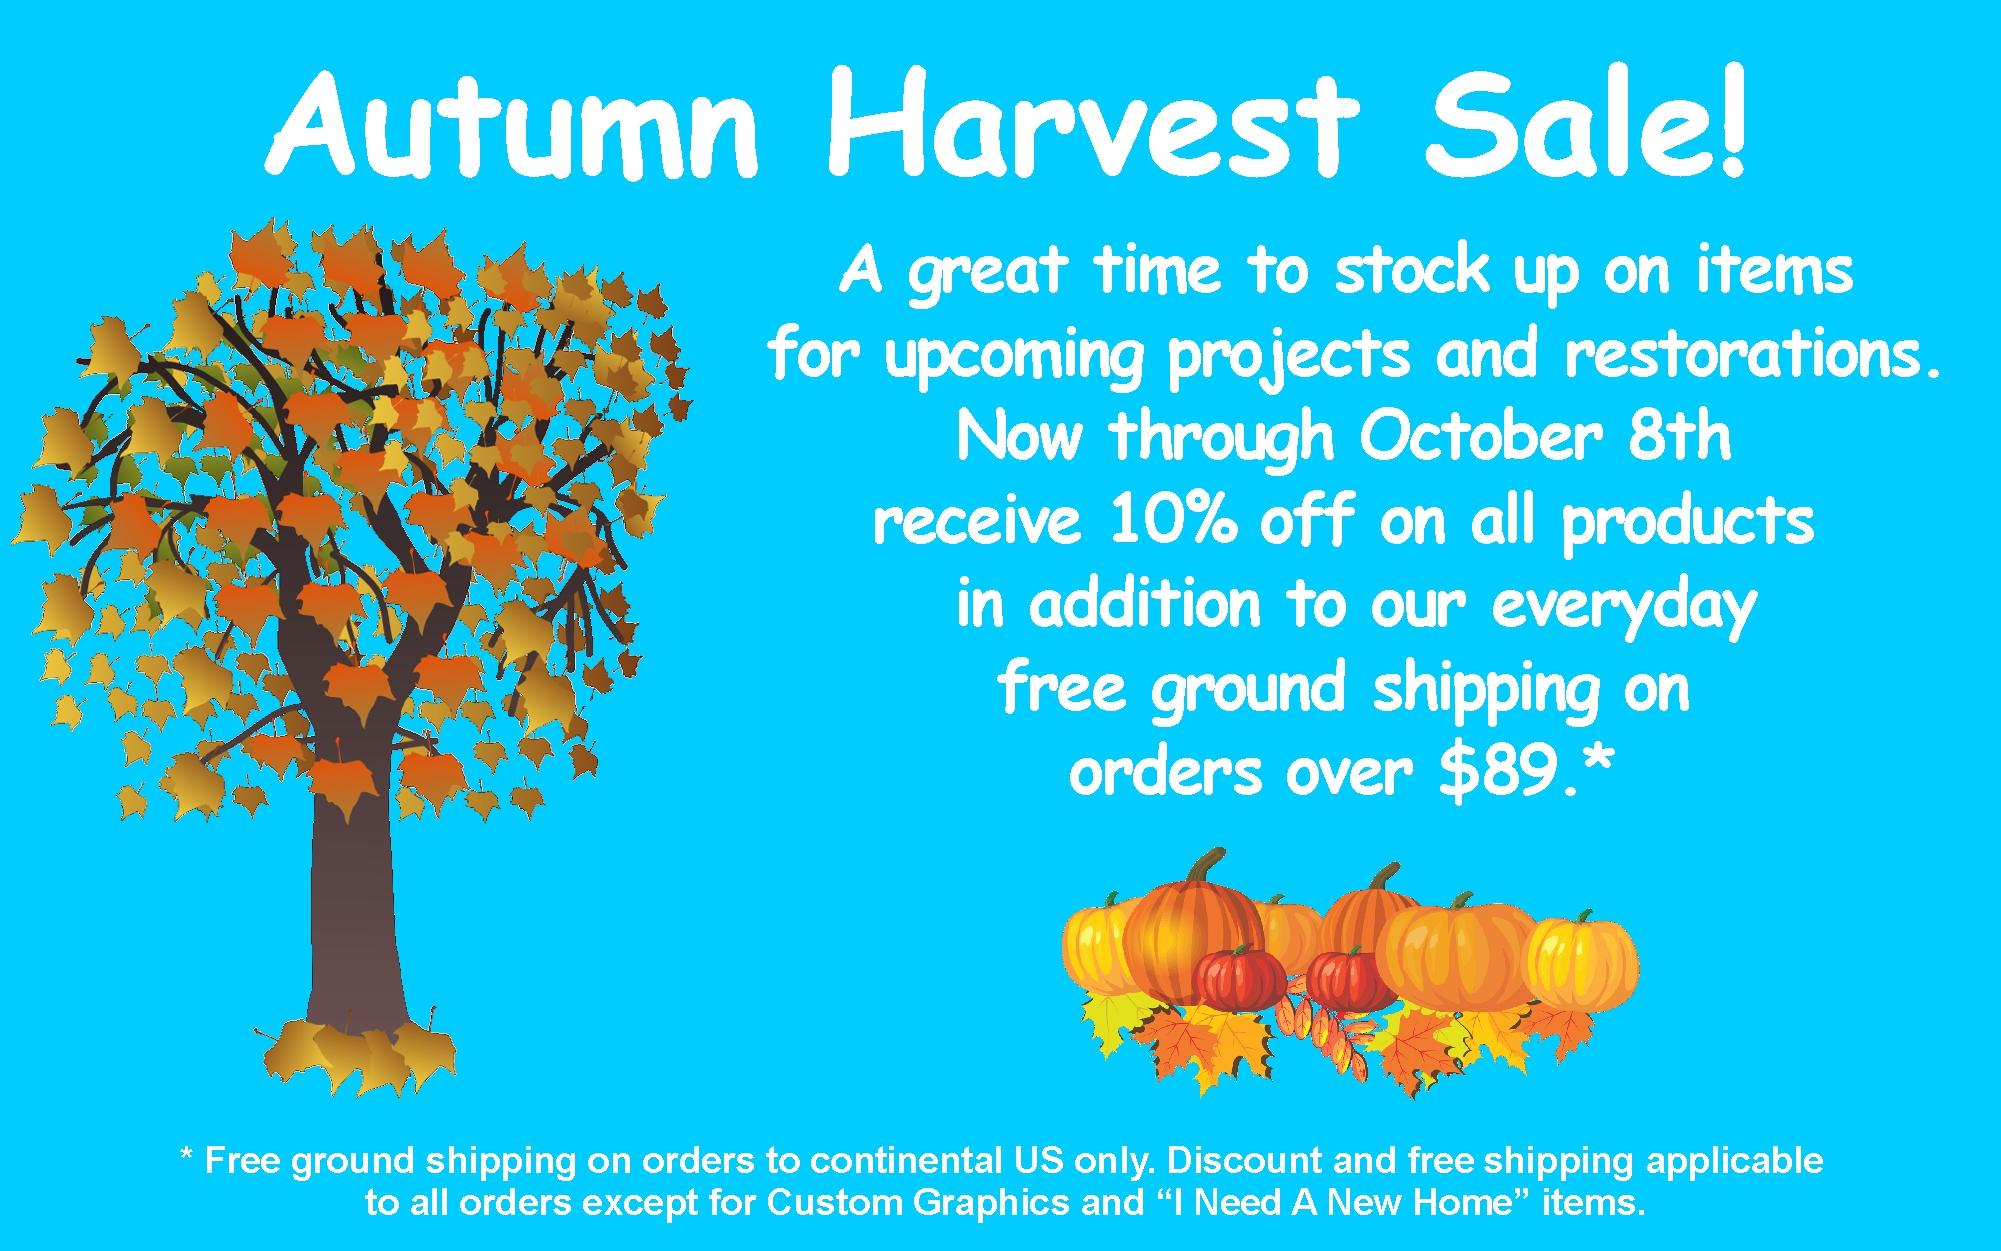 autumnharvestsale.jpg